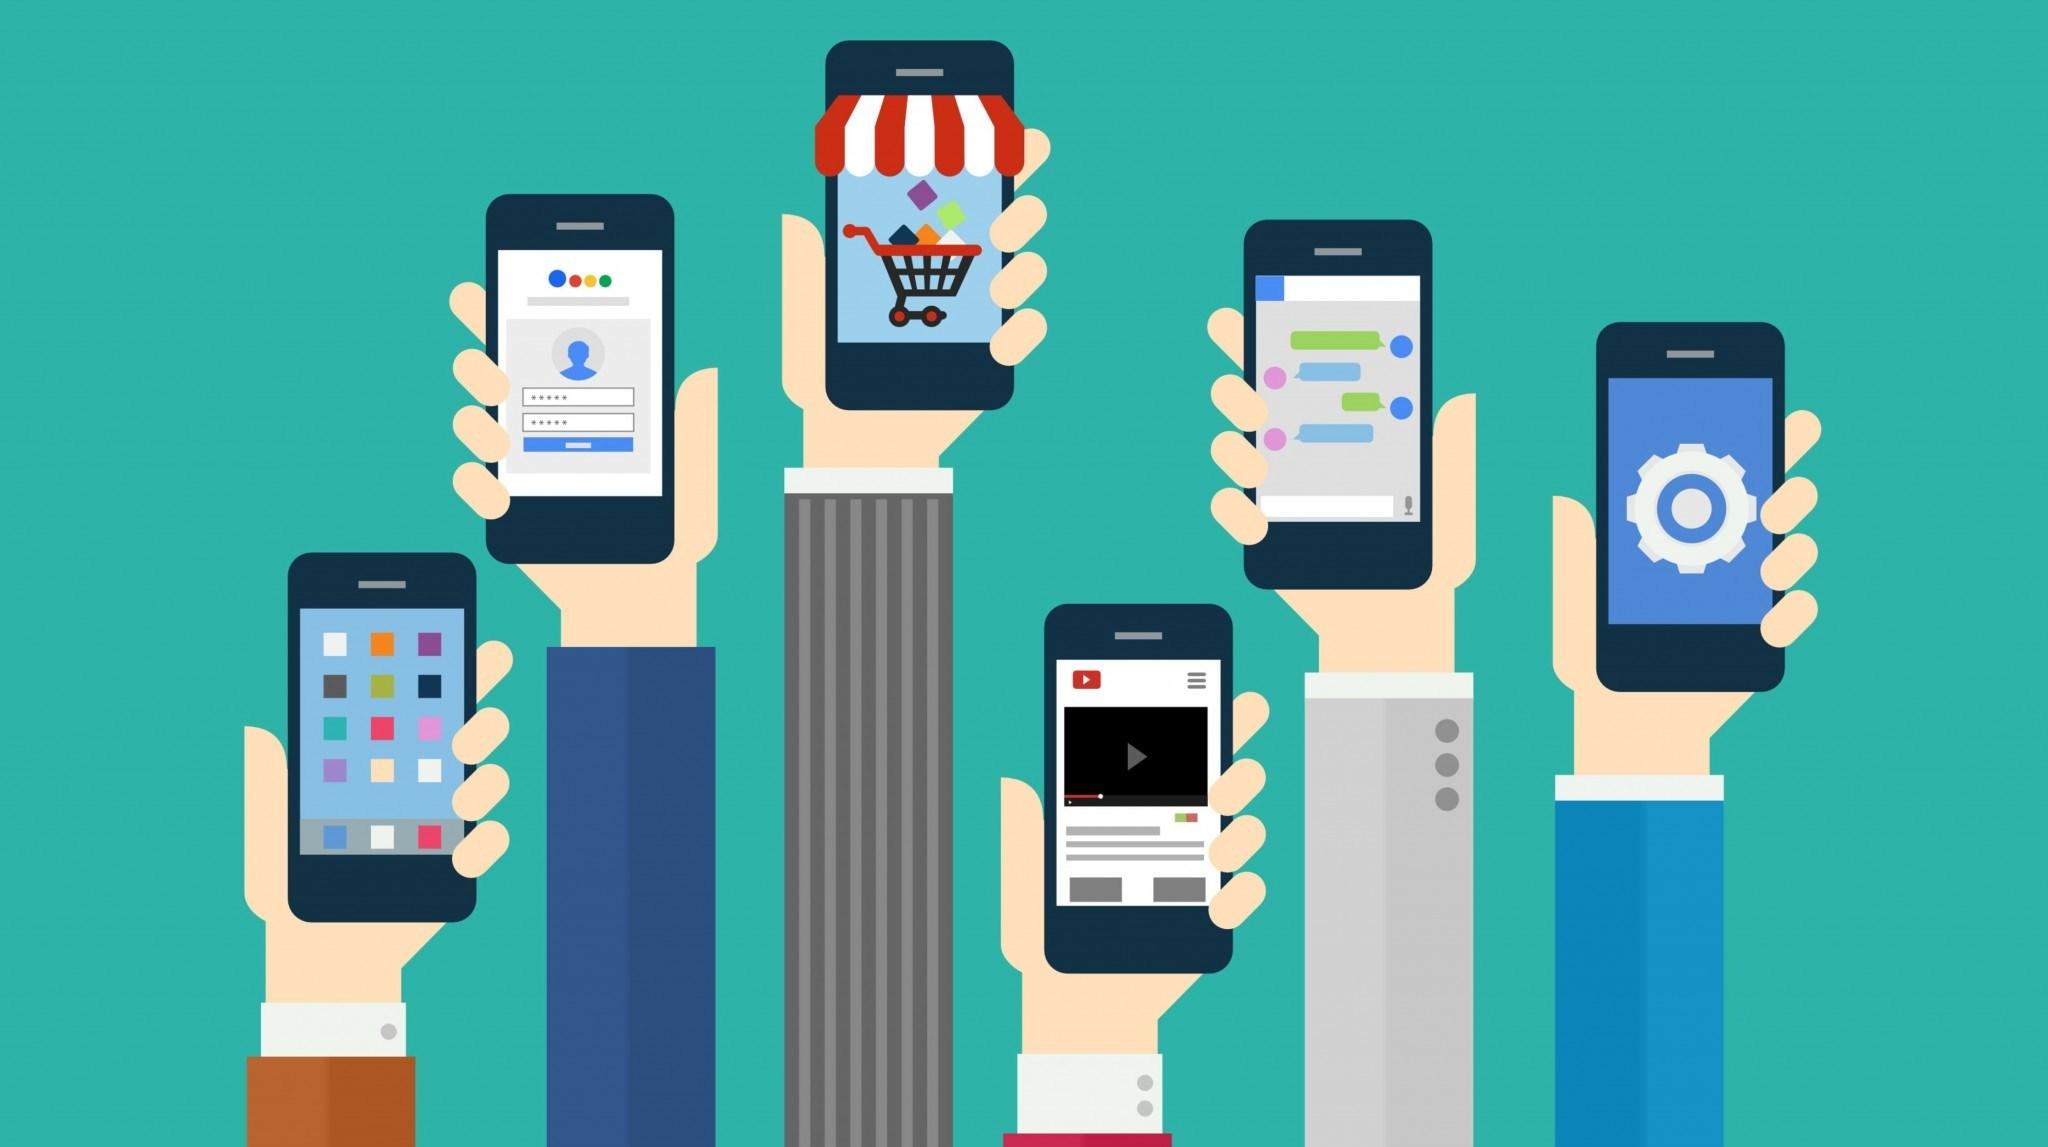 Mobil Uygulama Pazarlaması